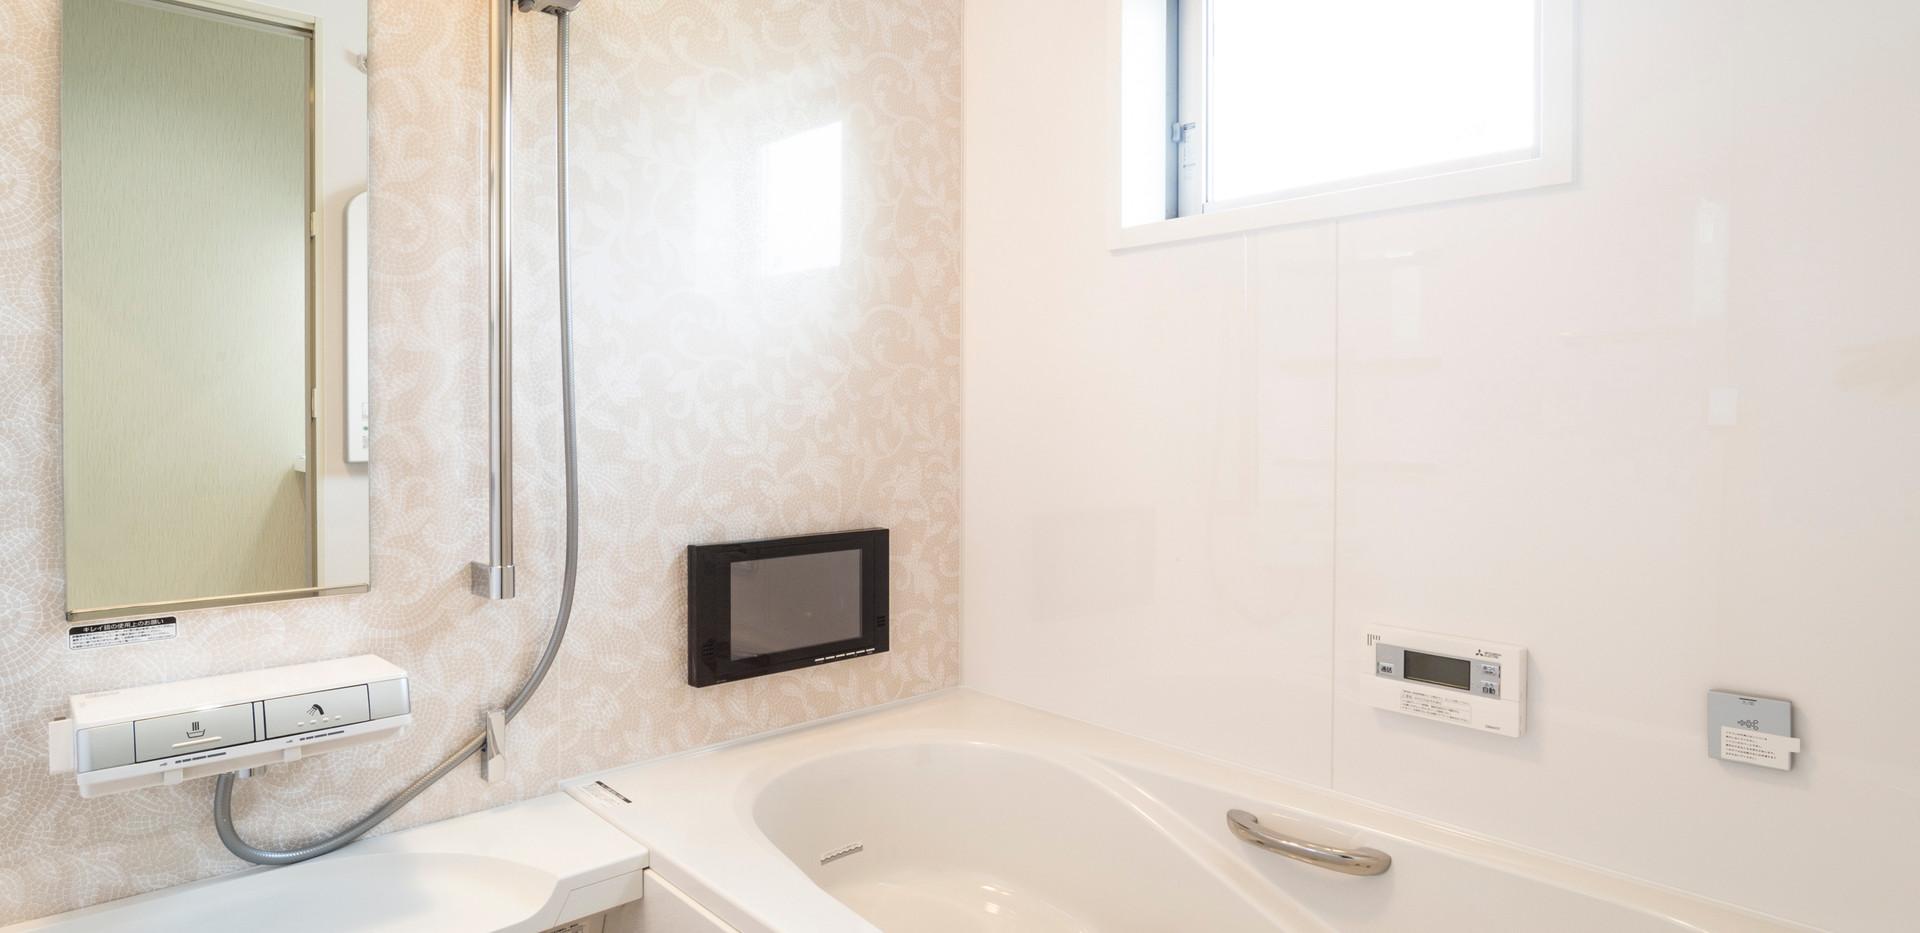 バスルーム 1616サイズ テレビ付き